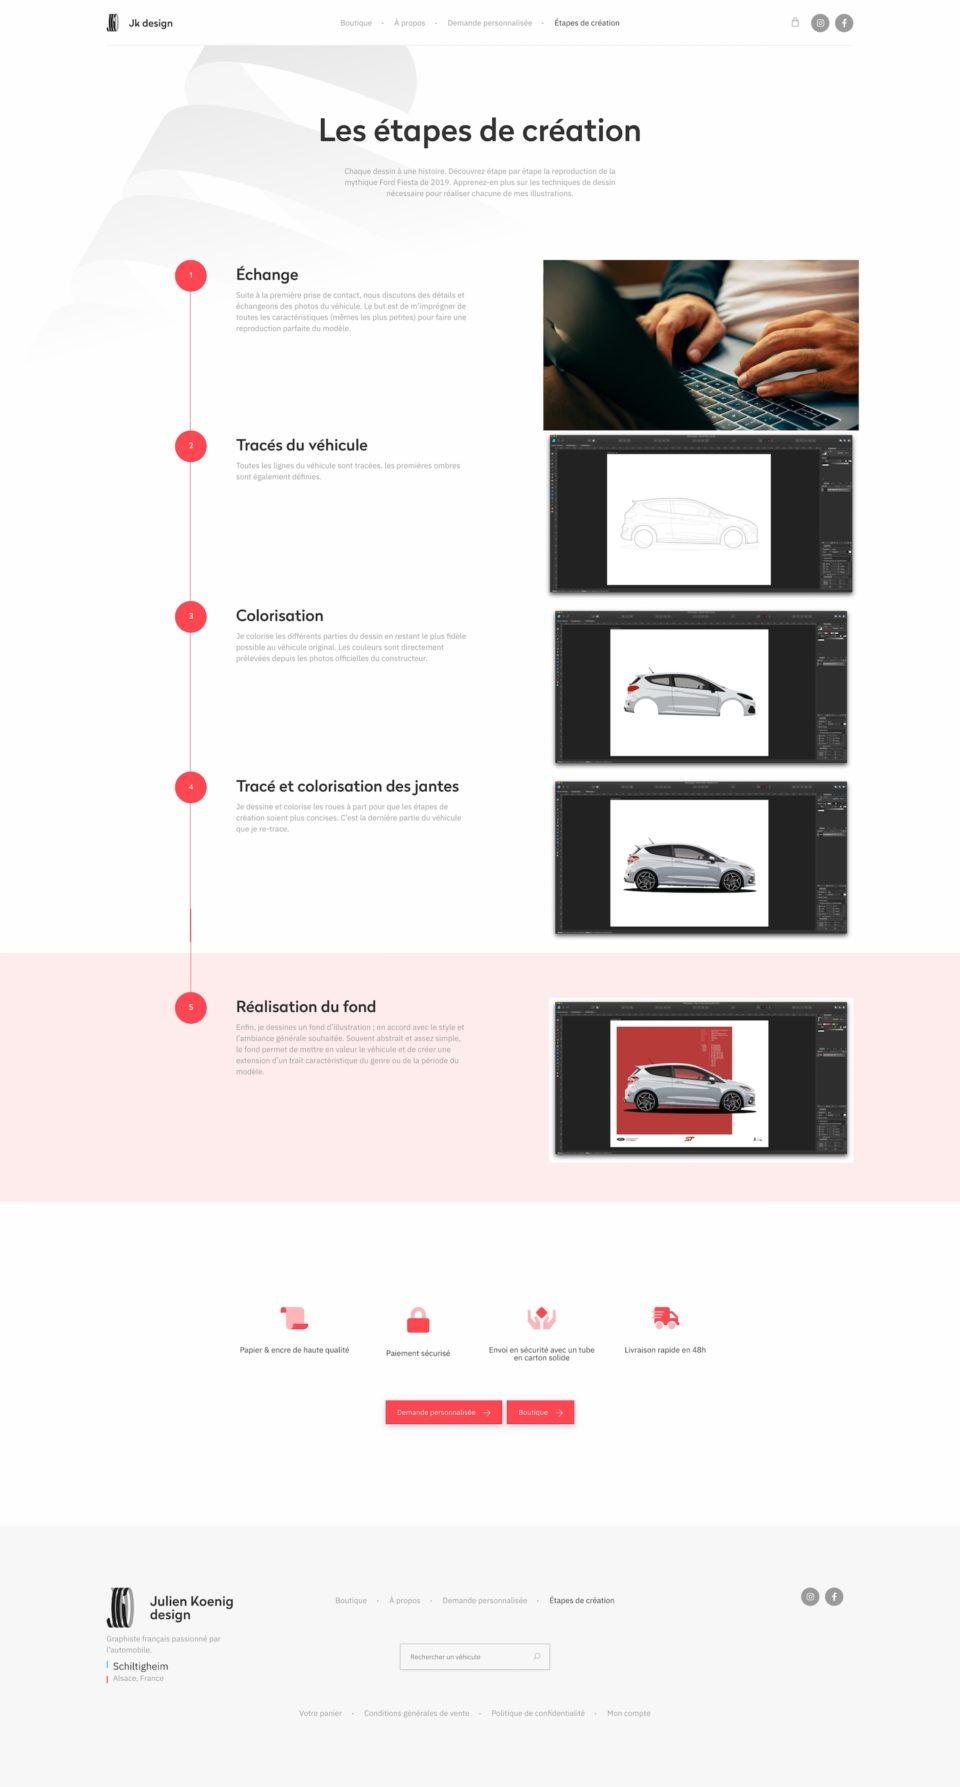 jk-design-page-etapes-de-creation